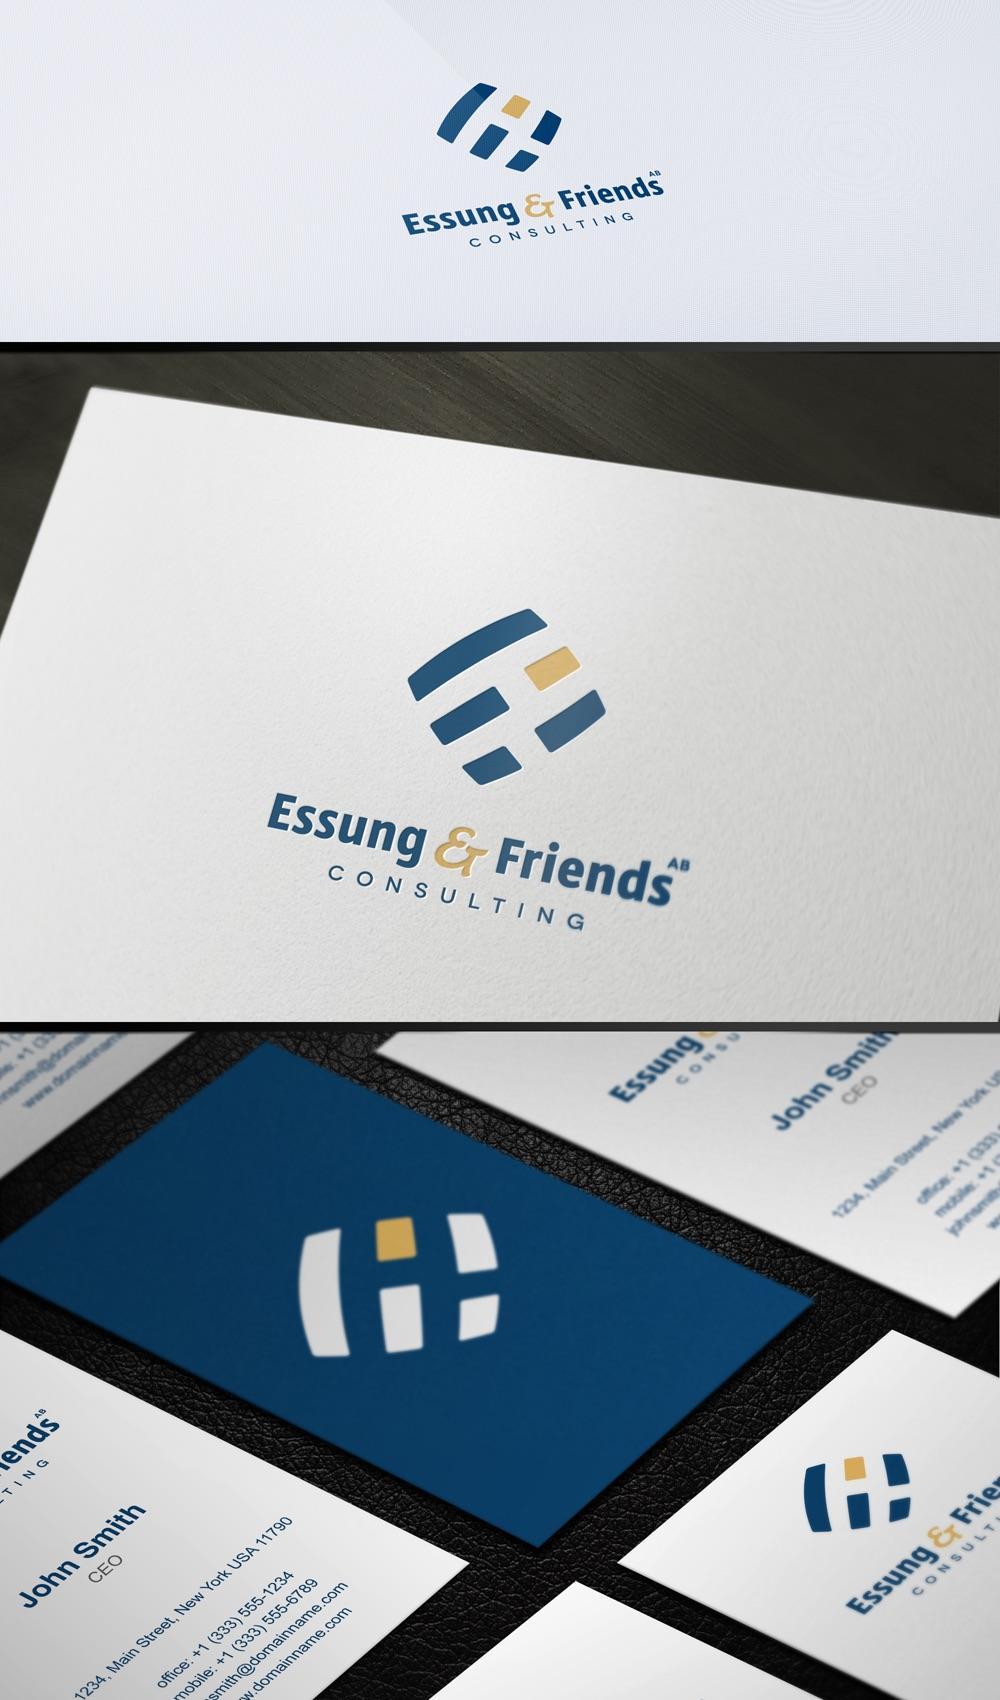 eximdesign_essung_1.jpg